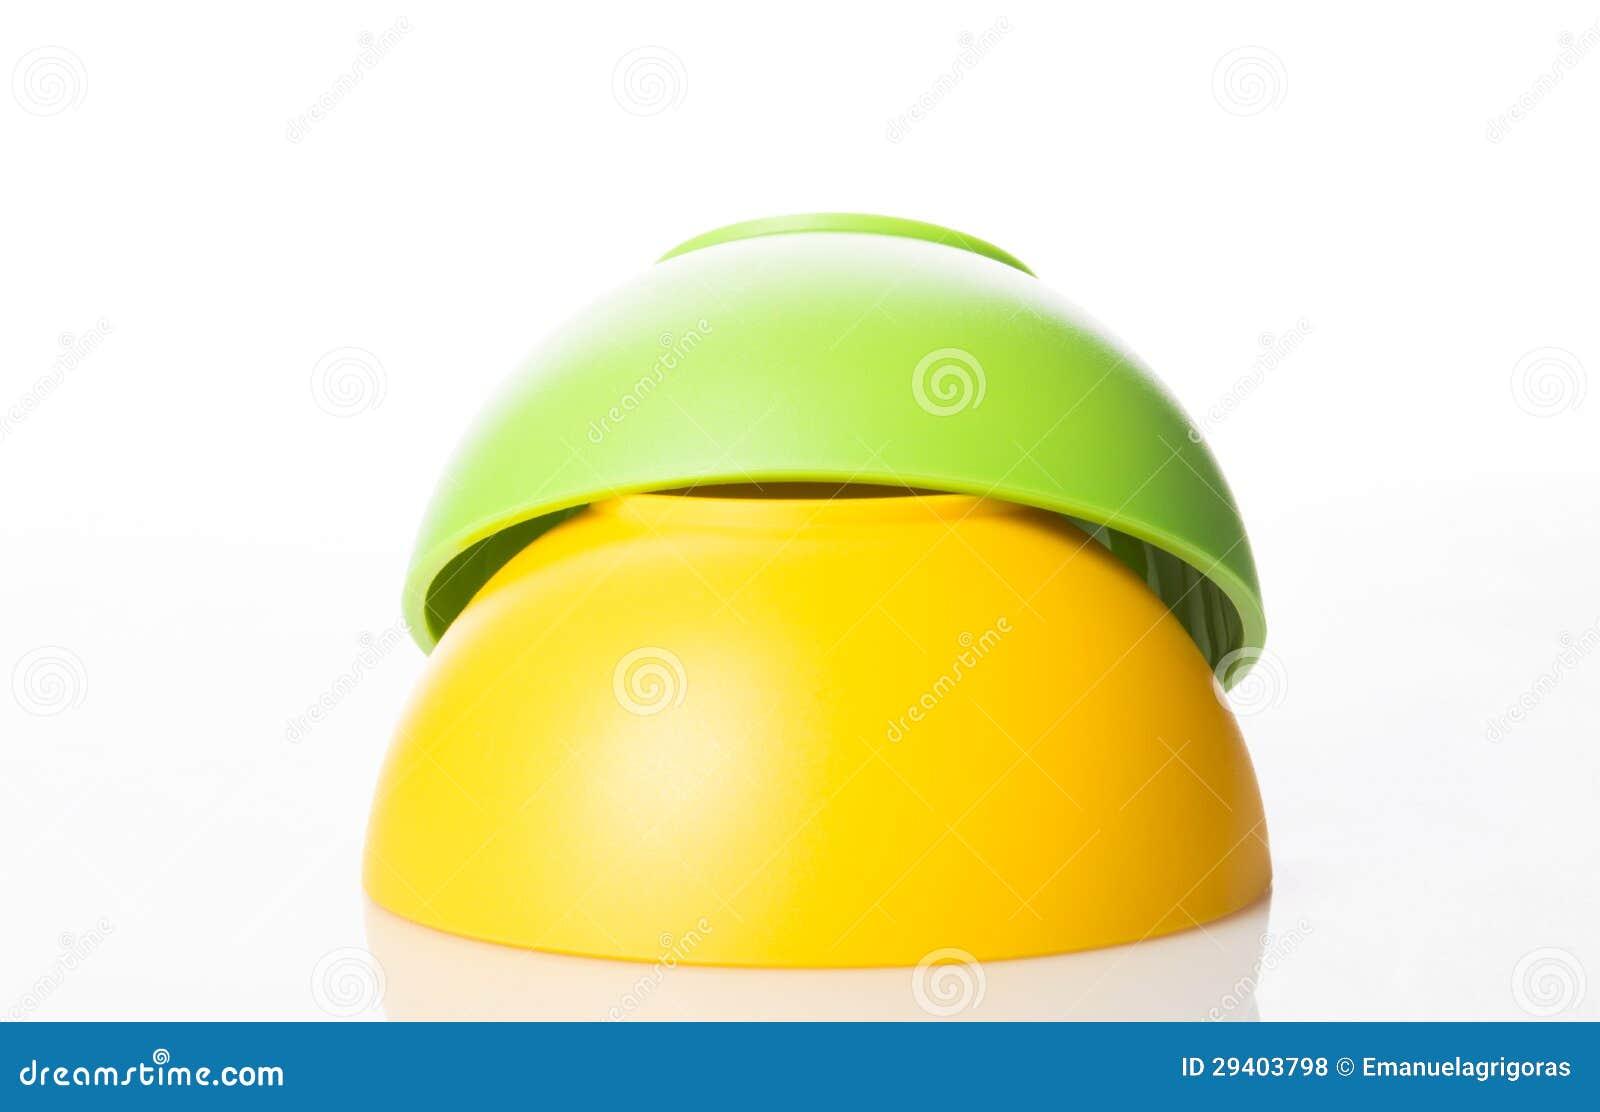 Στοίβα των ζωηρόχρωμων πλαστικών κύπελλων